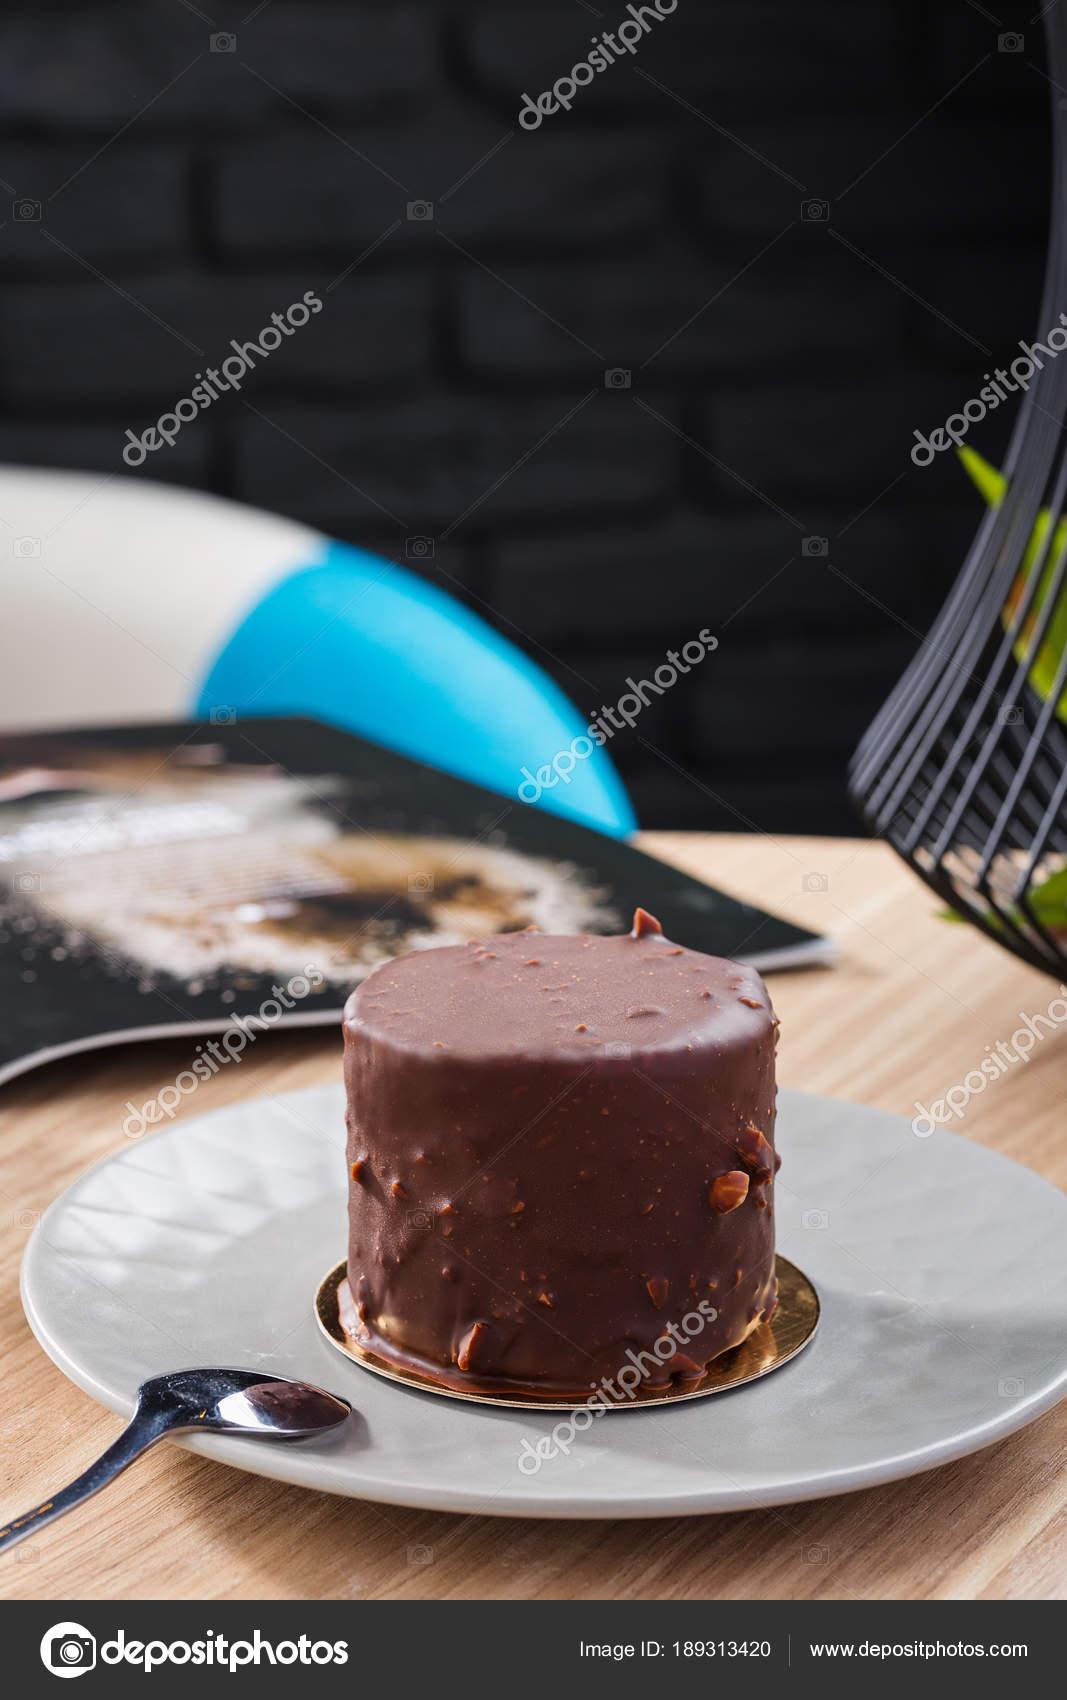 Mini Mousse Kuchen Mit Schokoladenglasur Auf Graue Platte Bedeckt